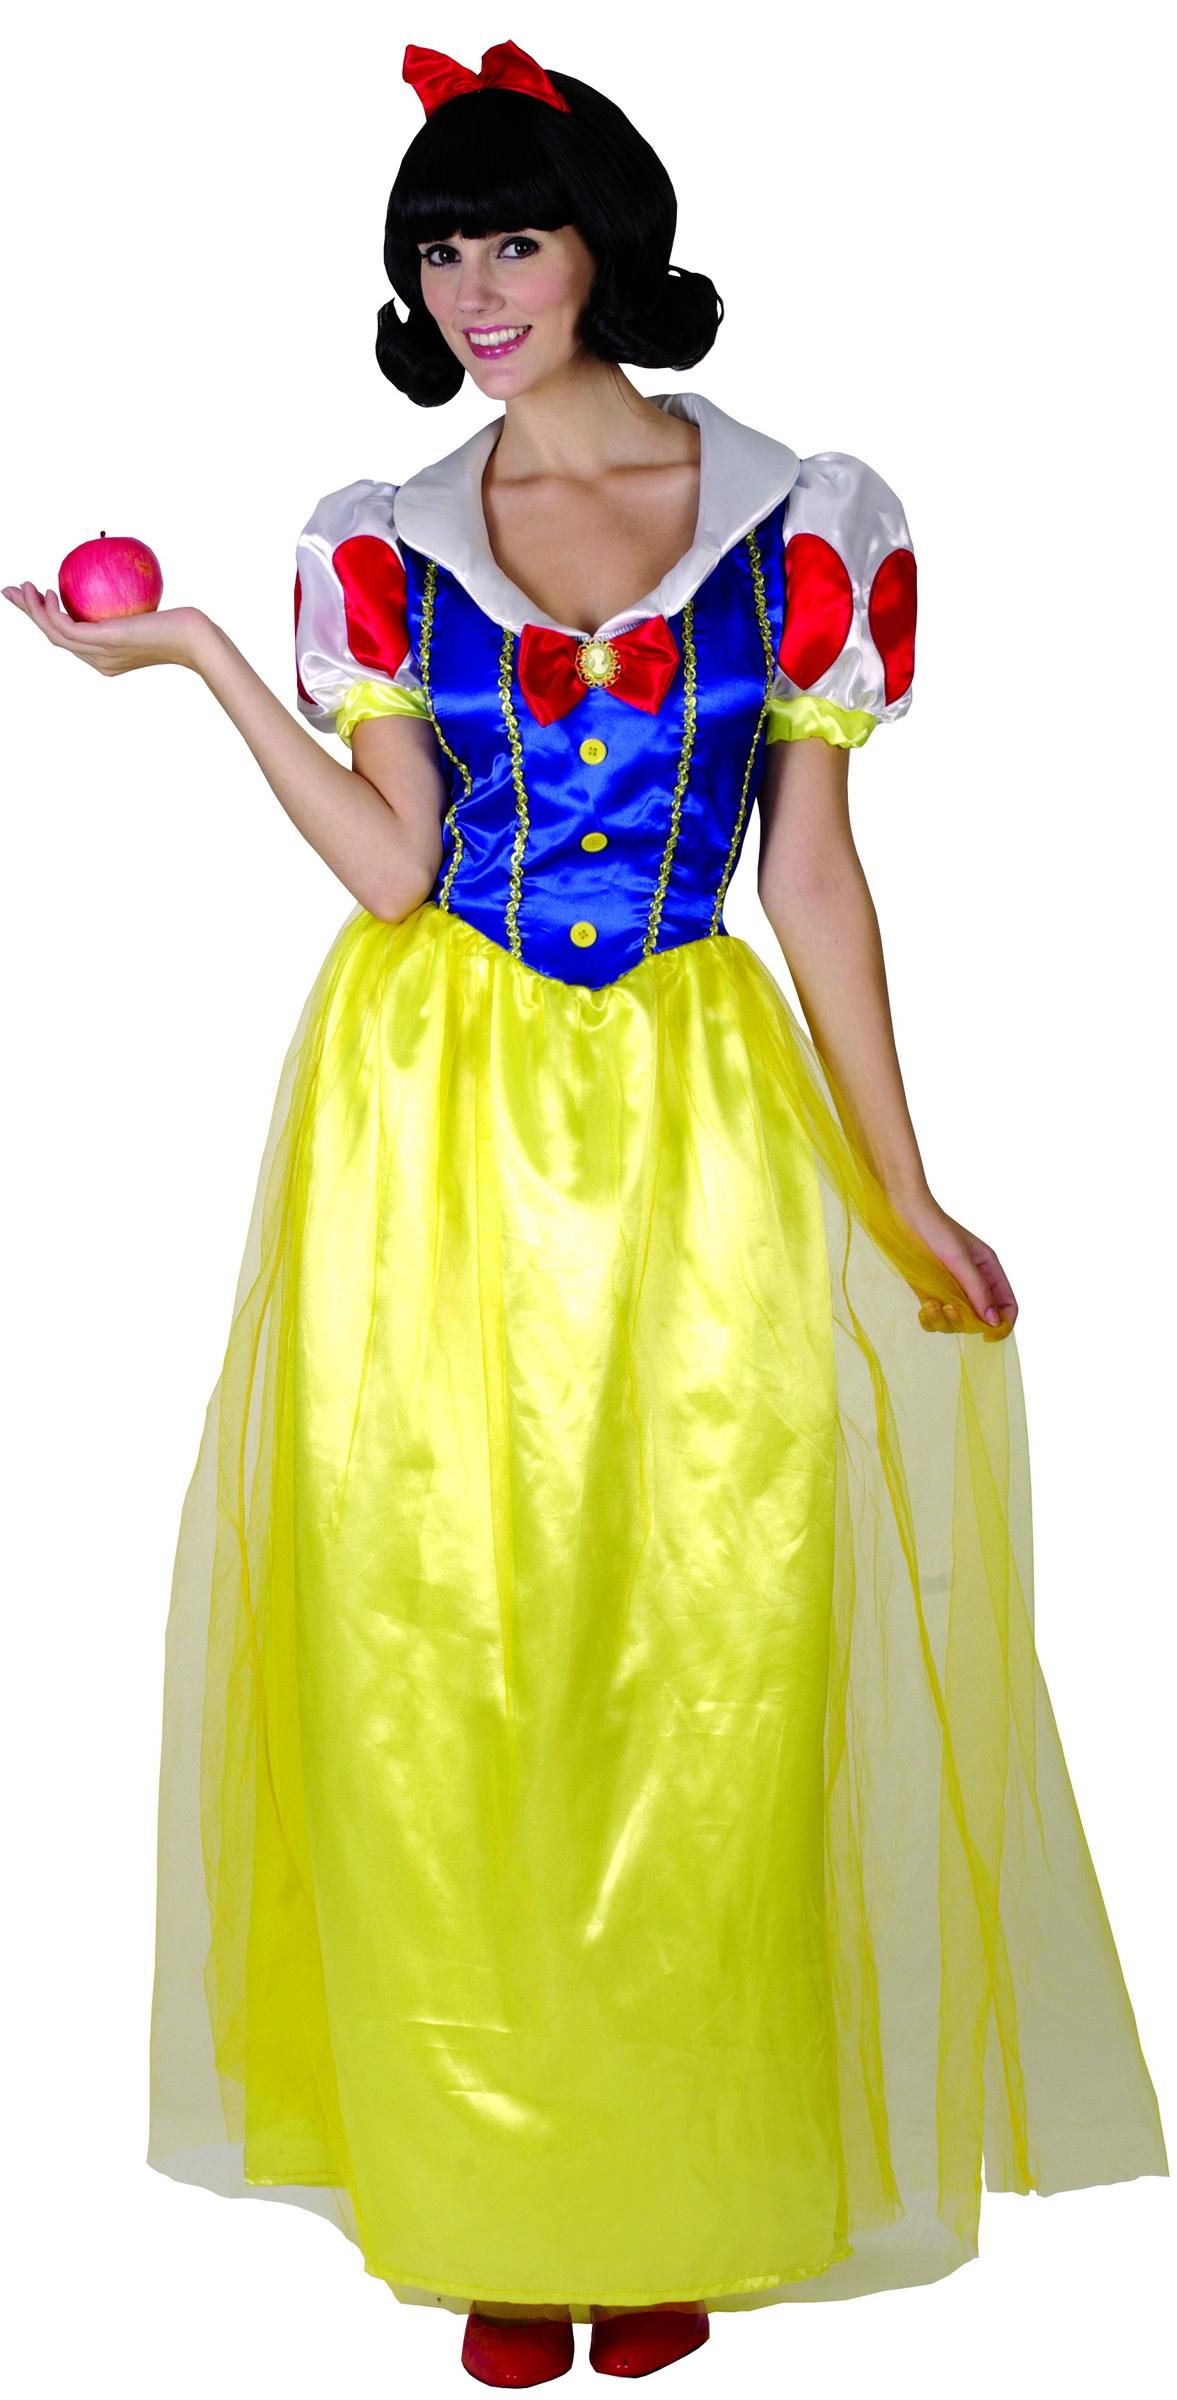 D guisement princesse des neiges femme - Princesse des neiges ...